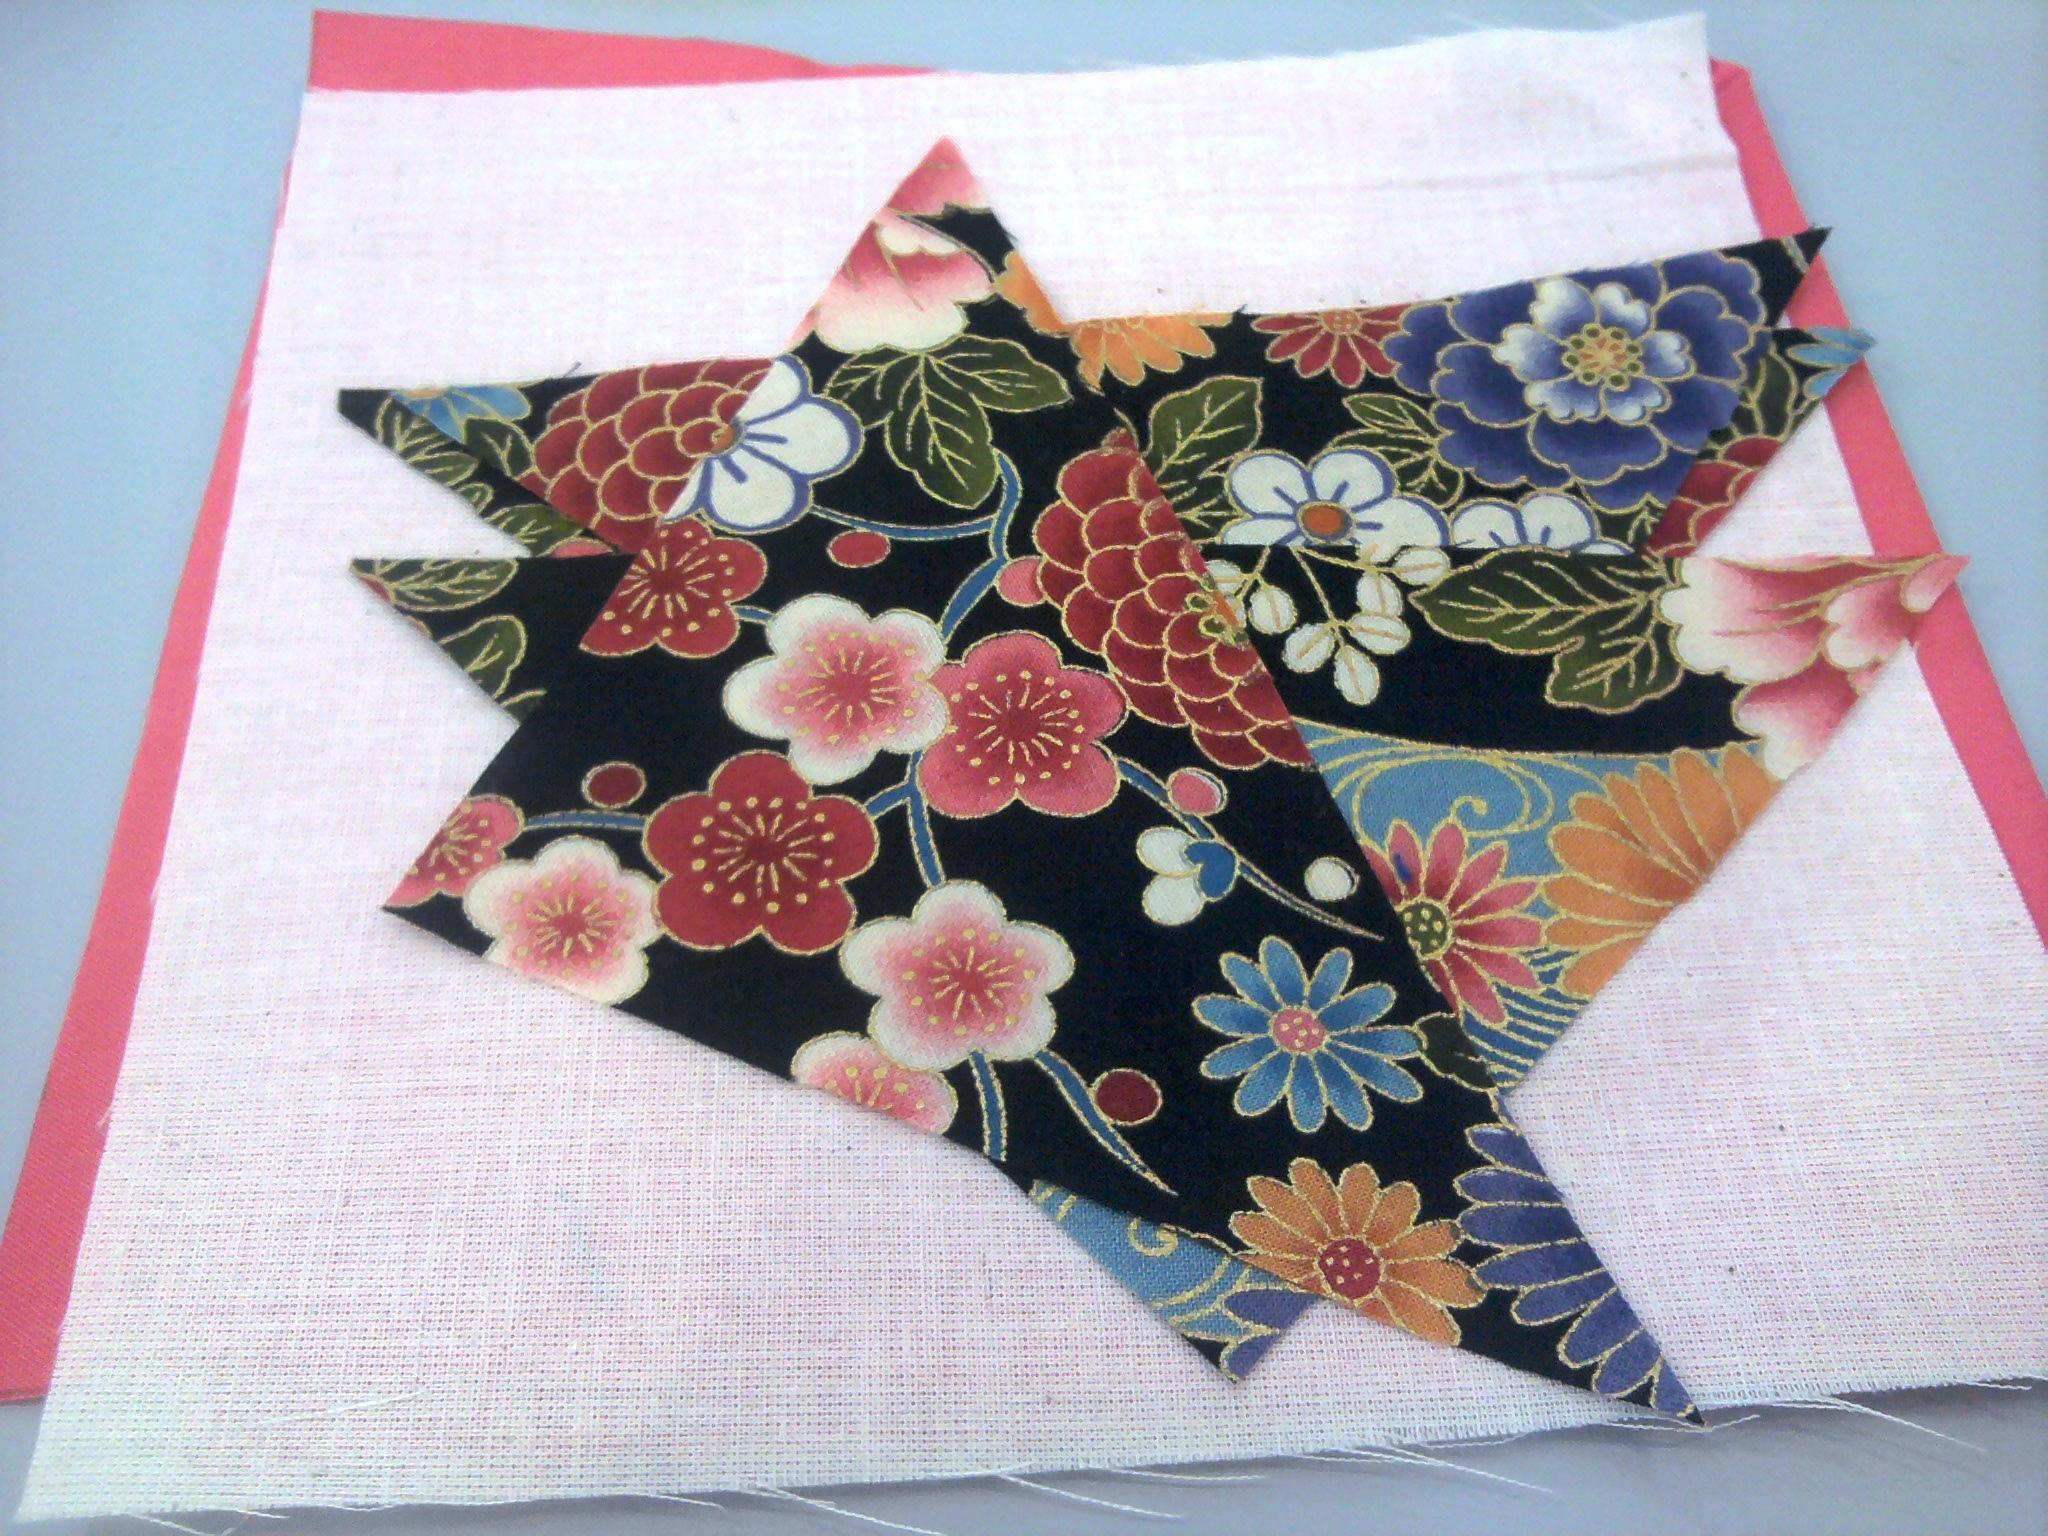 acerico-patchwork-adoraidas